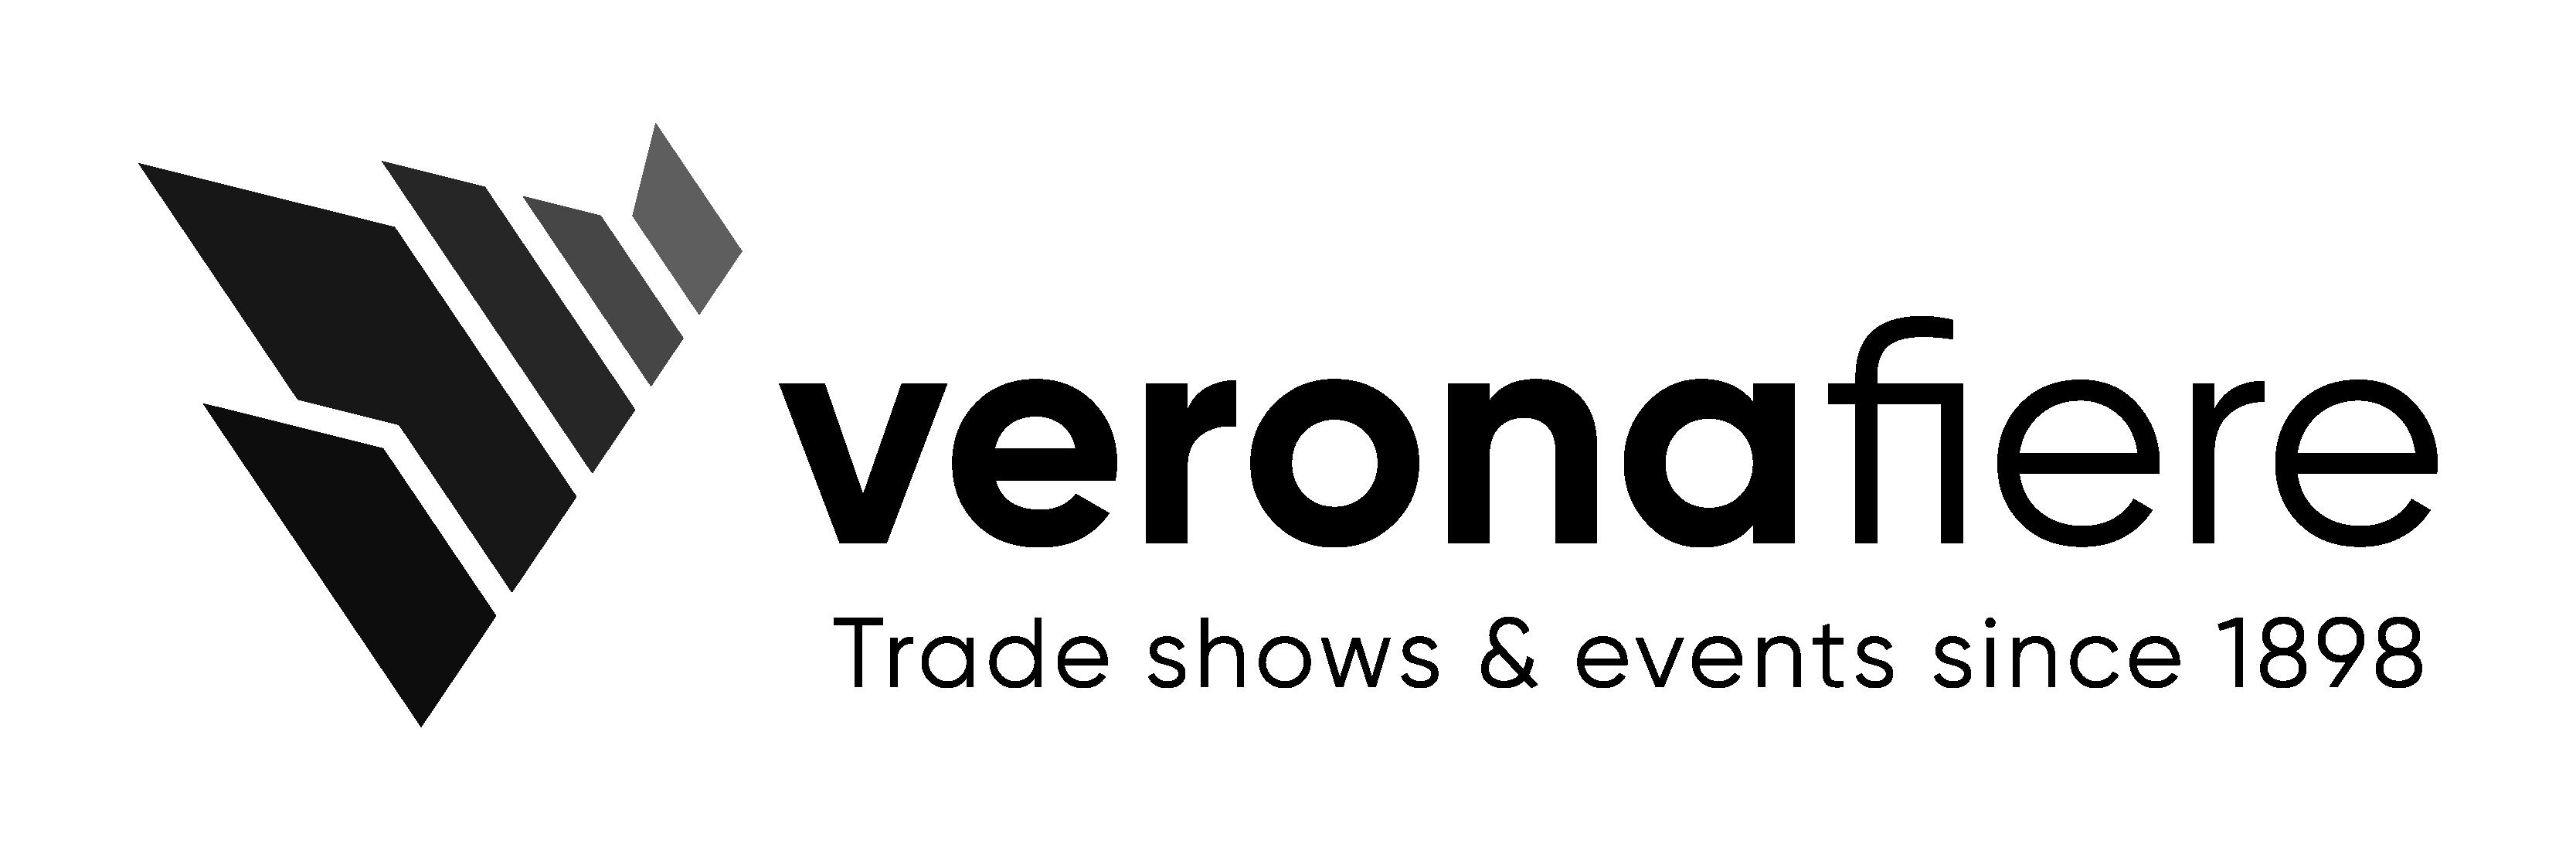 03 TW Veronafiere